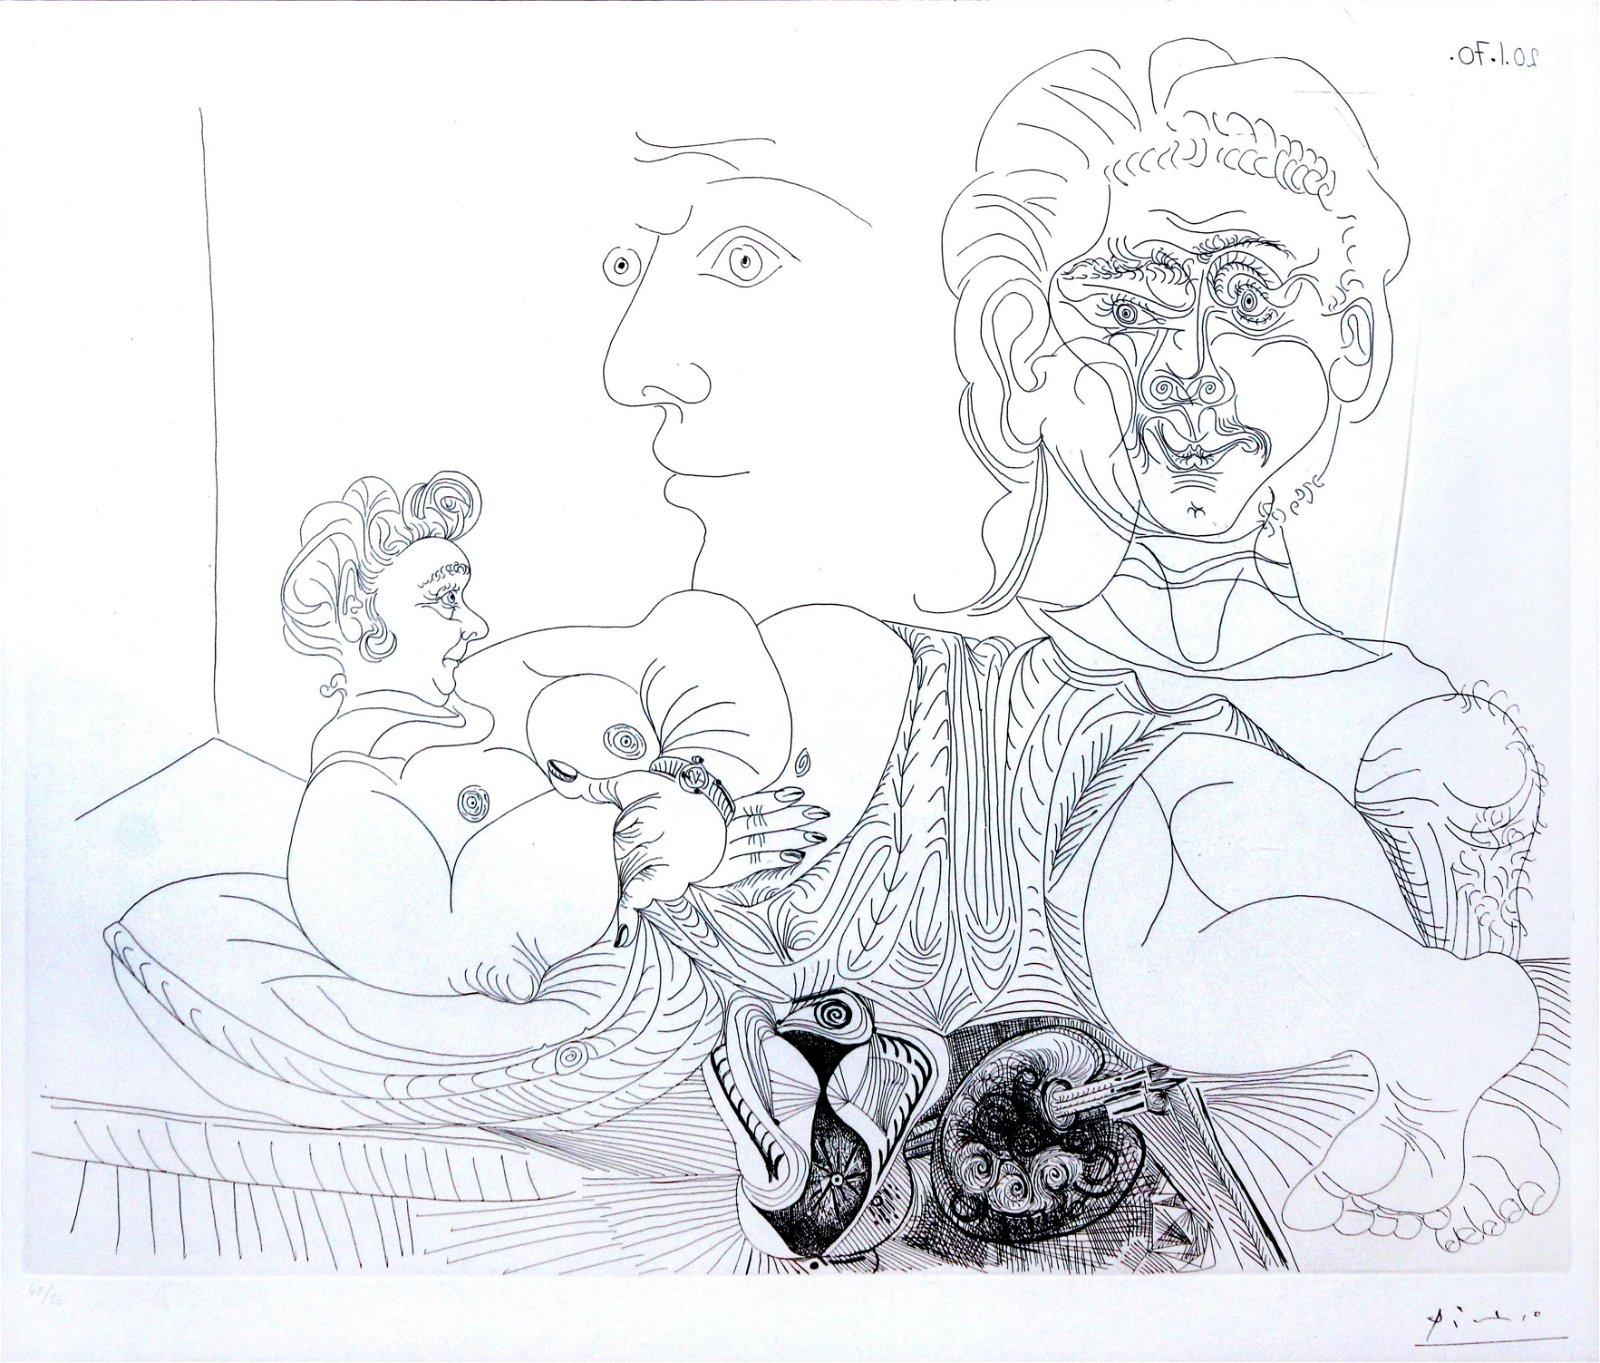 Pablo Picasso - Vieux Modele Pour Jeune Odalisque